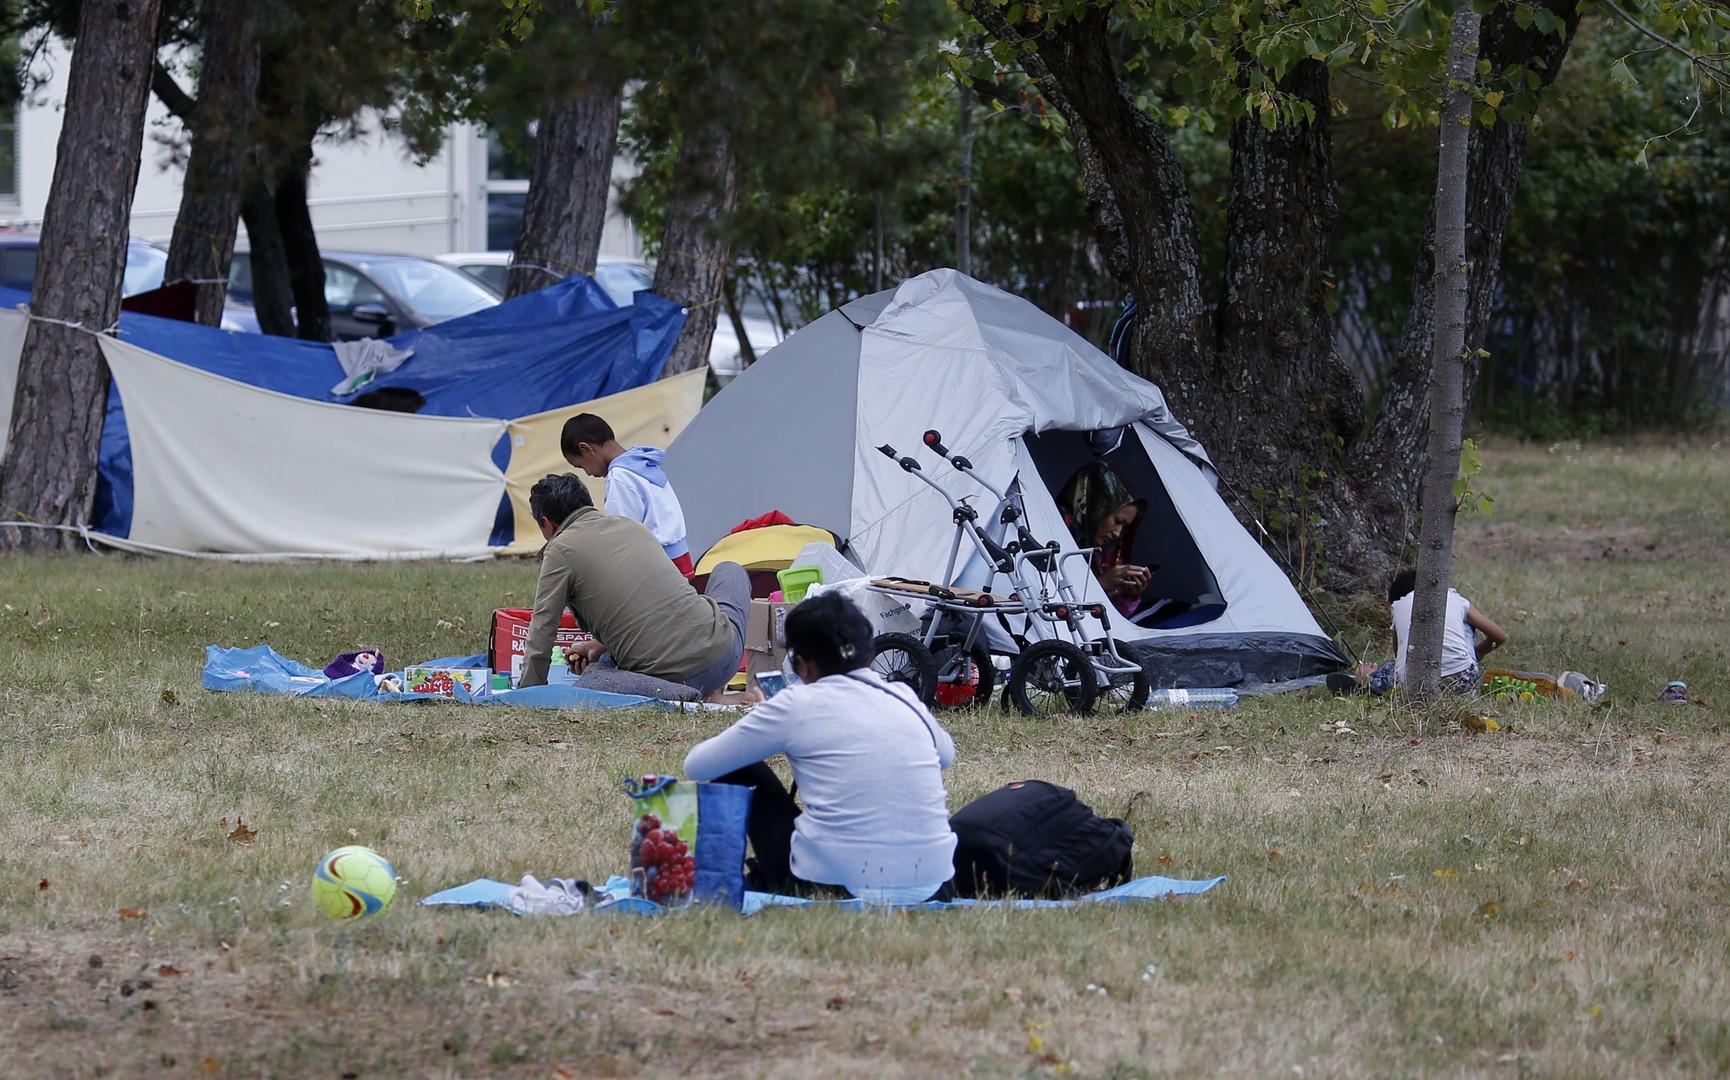 Le centre de Traiskirchen incapable d'accueillir tous les migrants, les demandeurs d'asile s'installent dans les rues de cette petite commune autrichienne